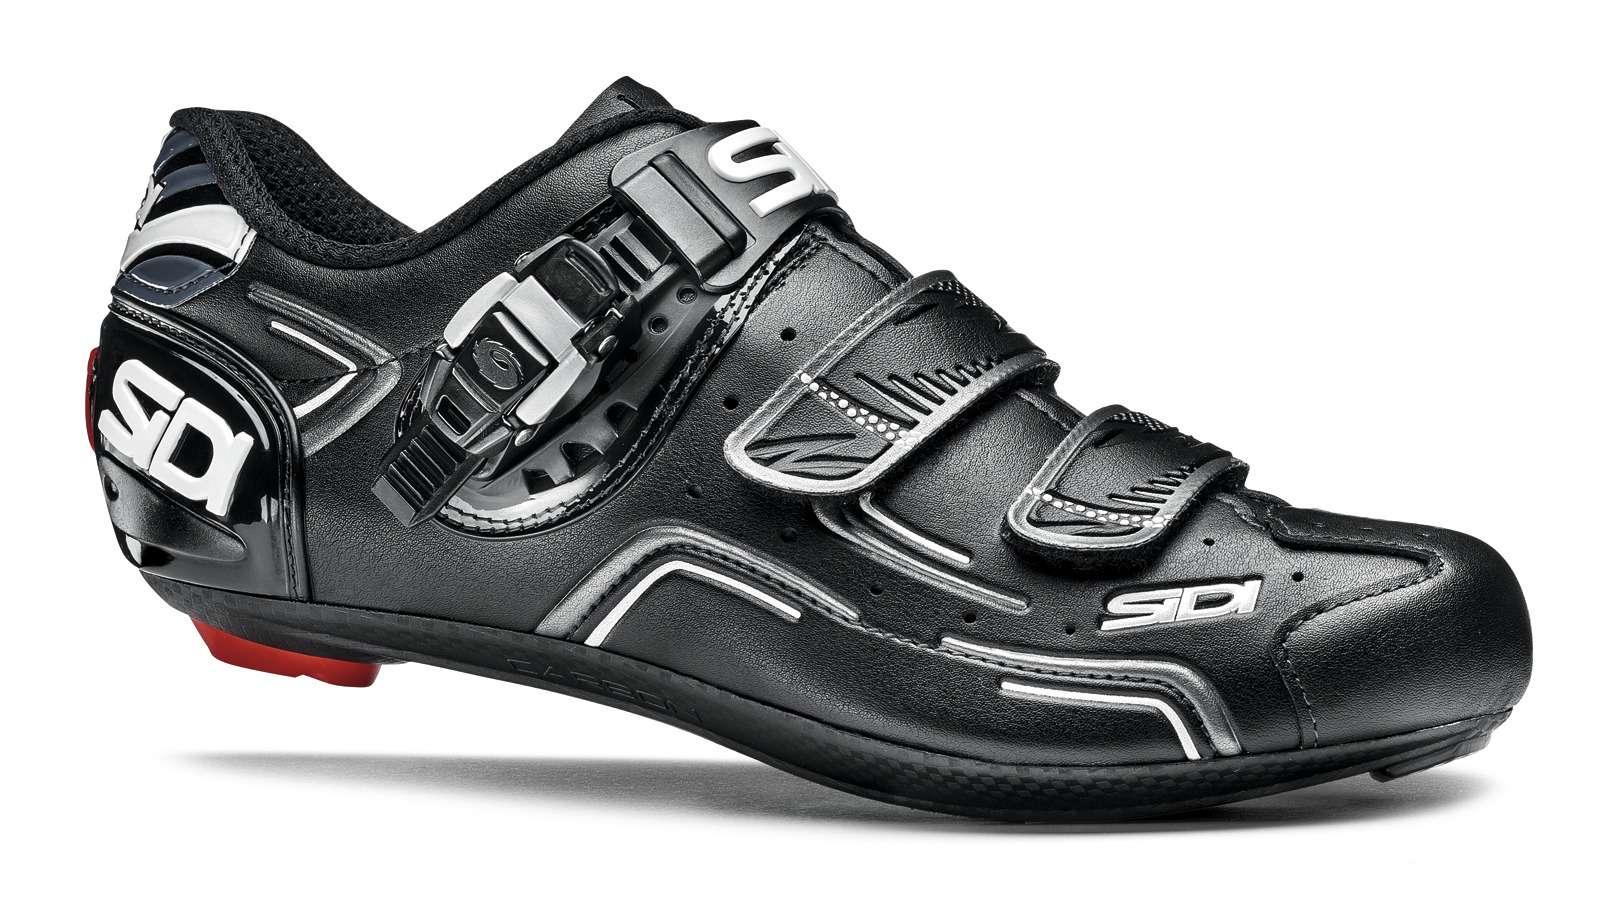 Chaussures De Niveau Sidi Hommes Chaussures Noires Puis 40 2017 Vélo De Route MawpvF